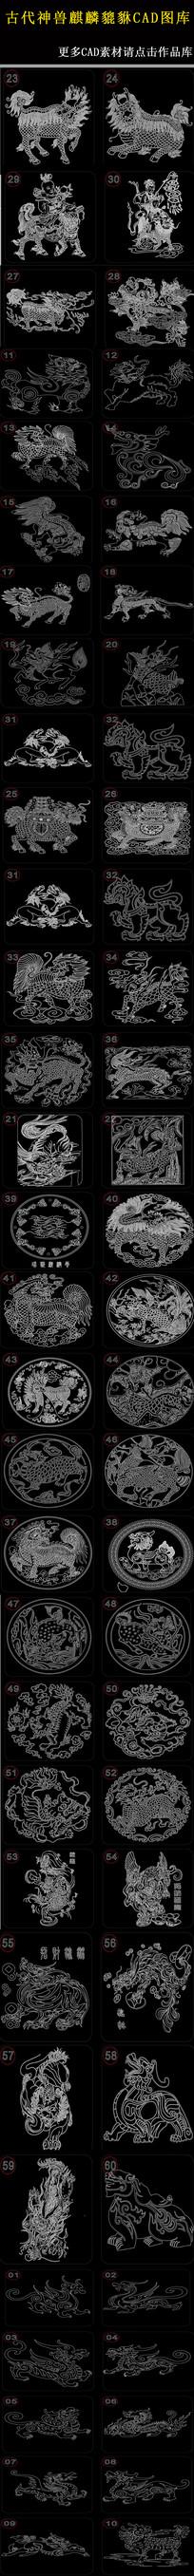 古代神兽麒麟貔貅CAD图库